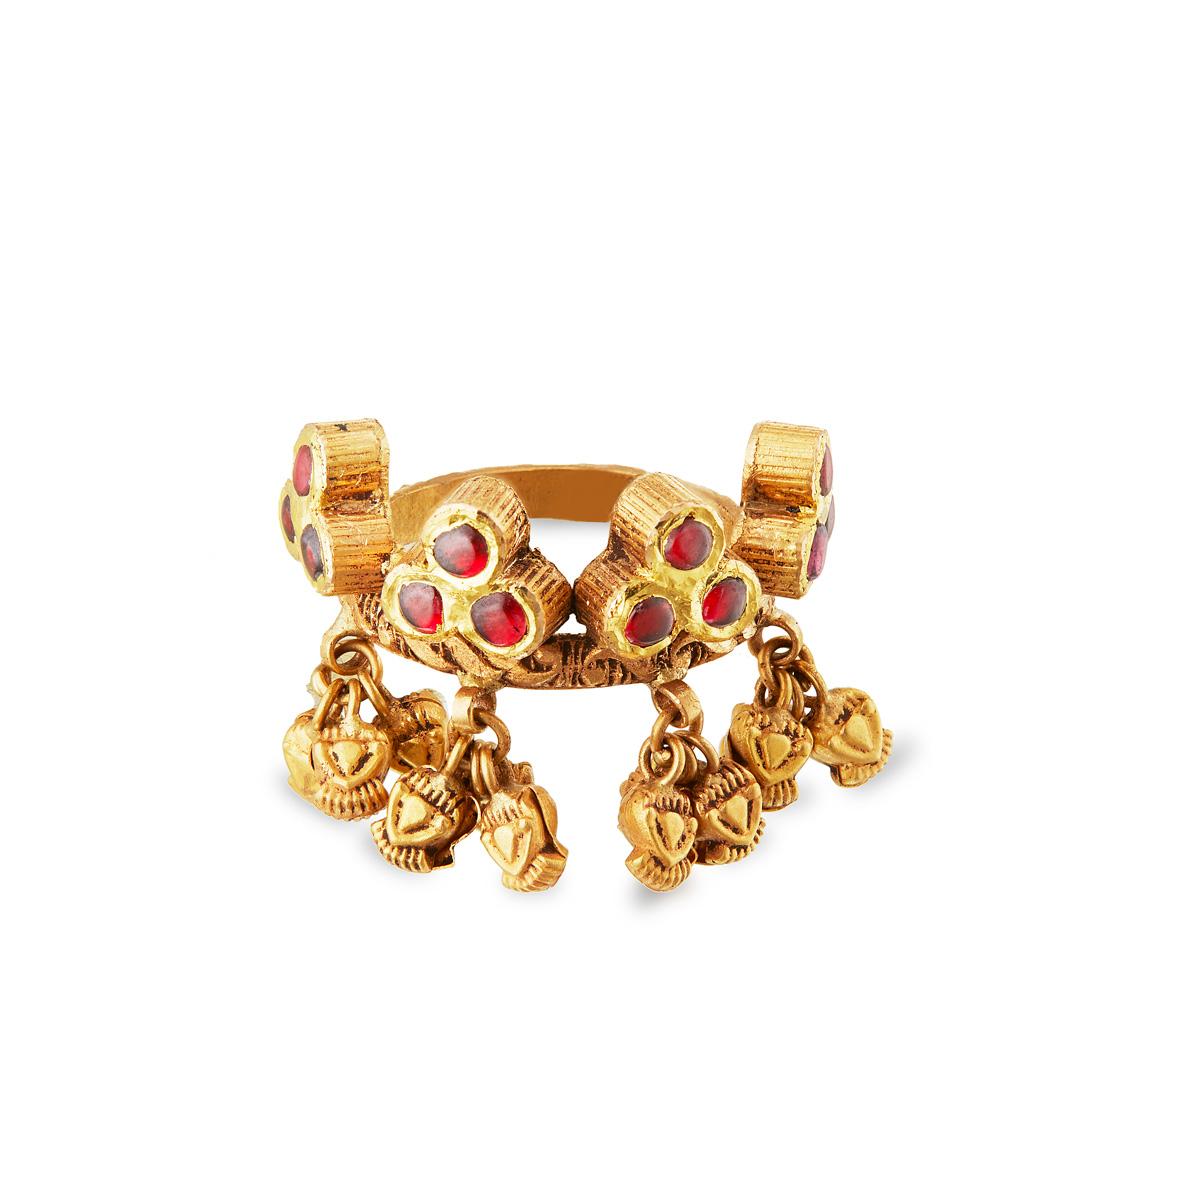 Exquisite Ring